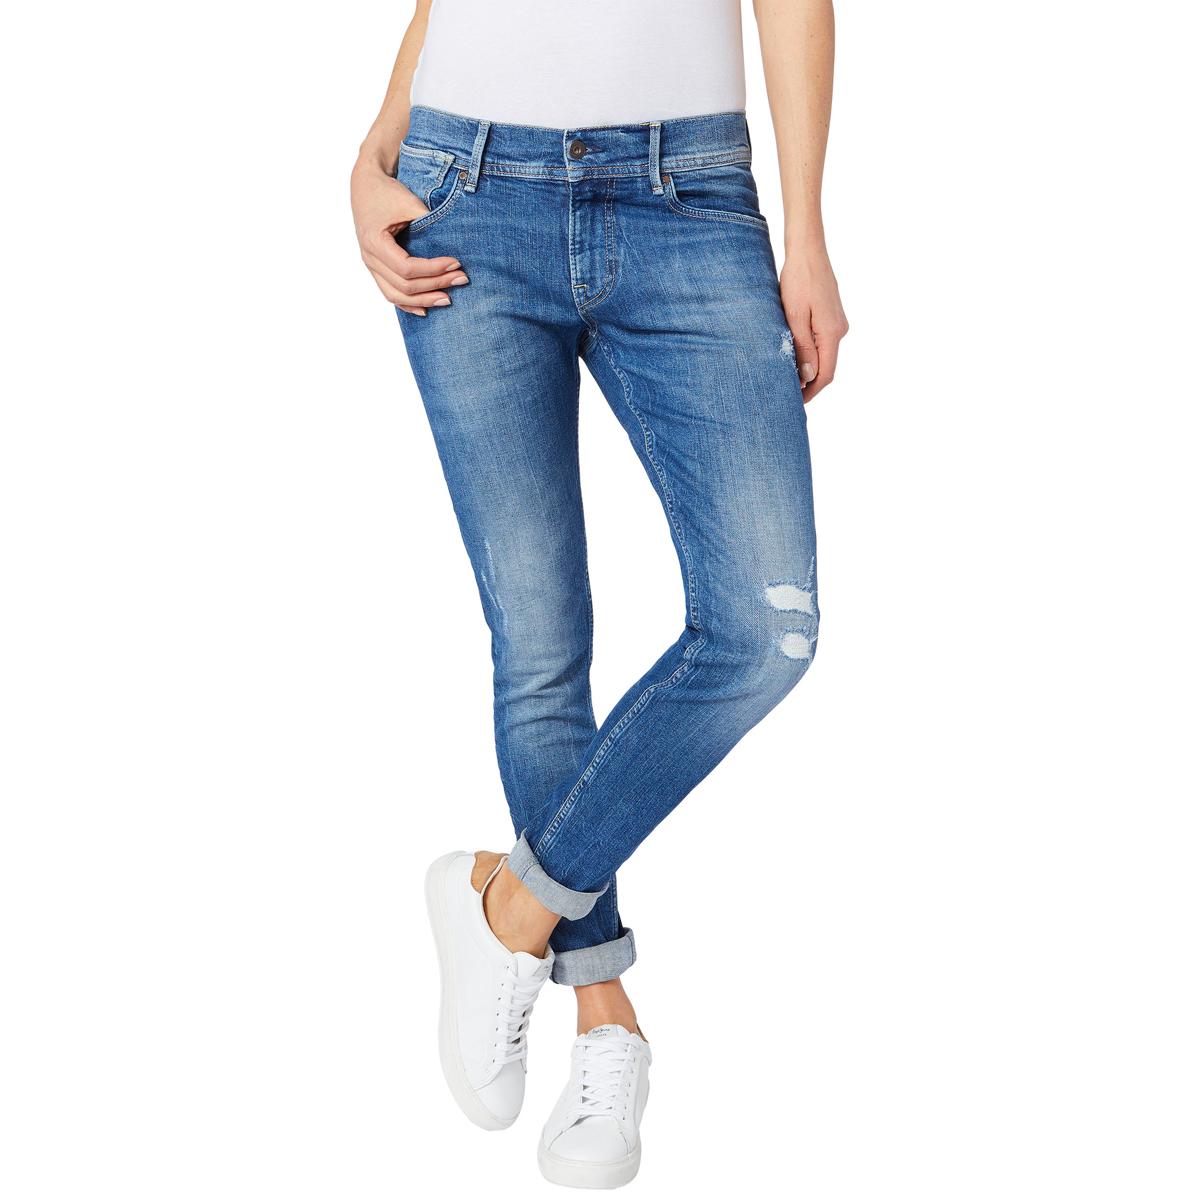 Джинсы Pepe Jeans jeans bellfield джинсы бойфренды